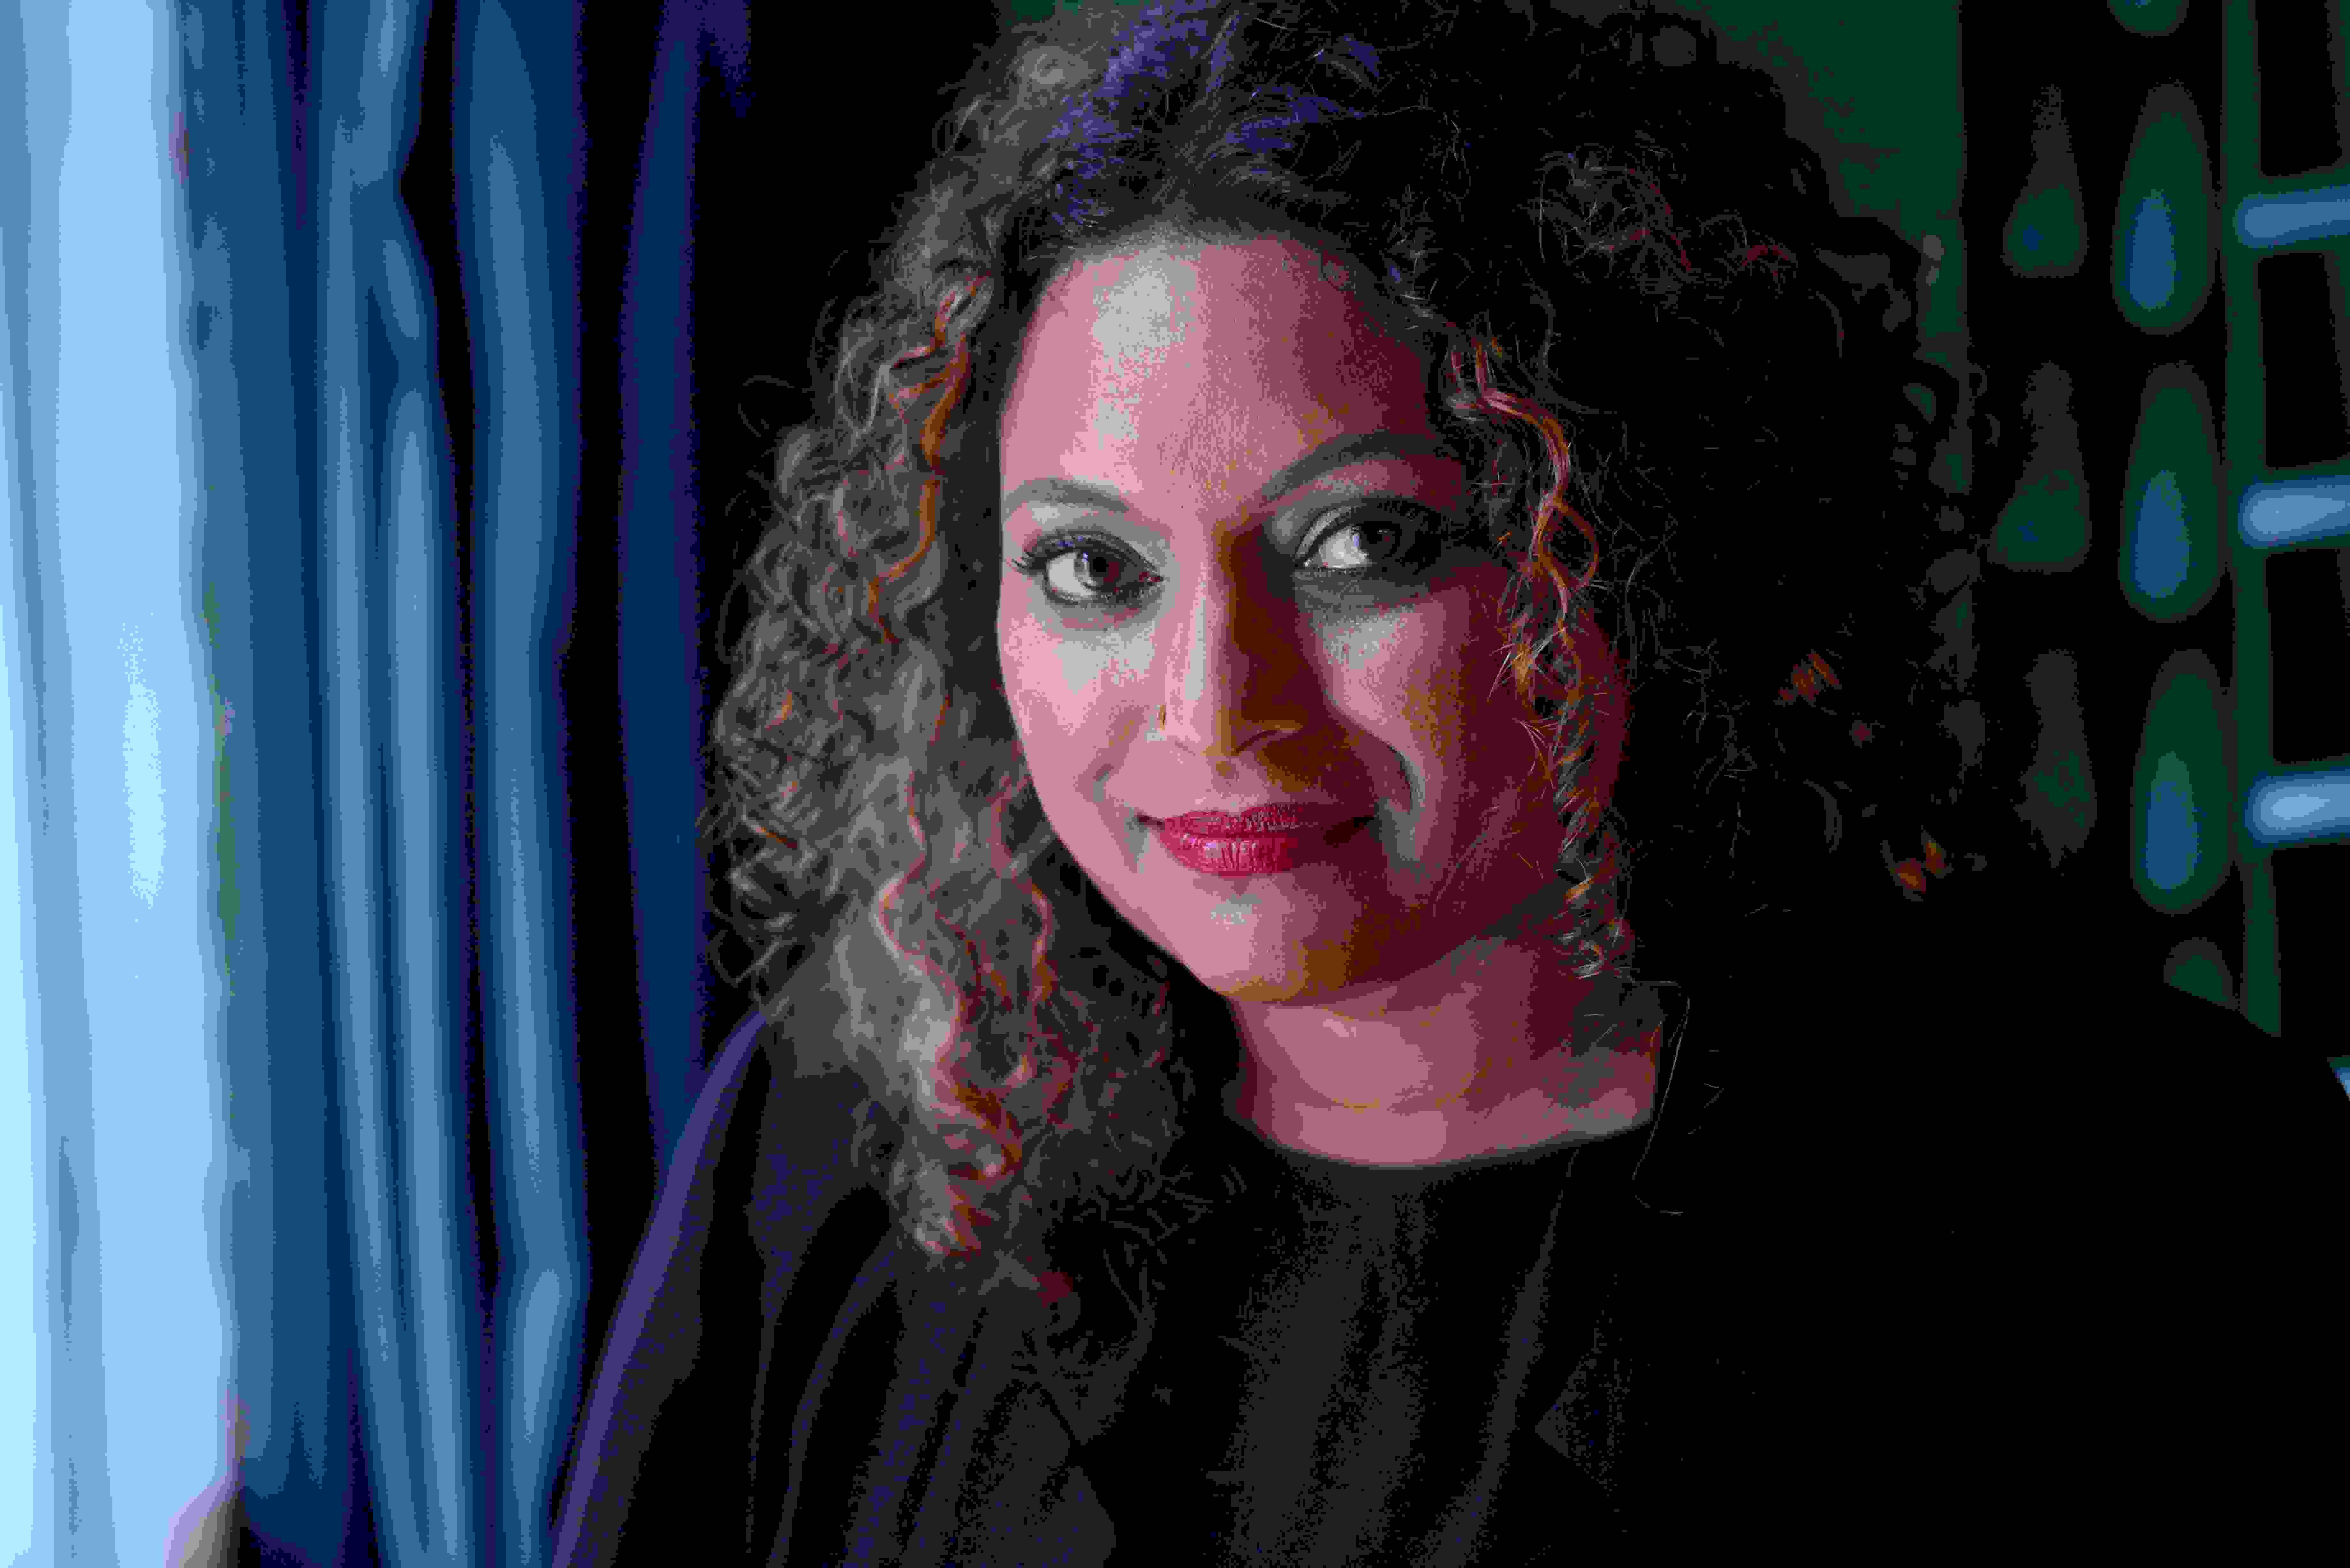 Roanna Gonsalves